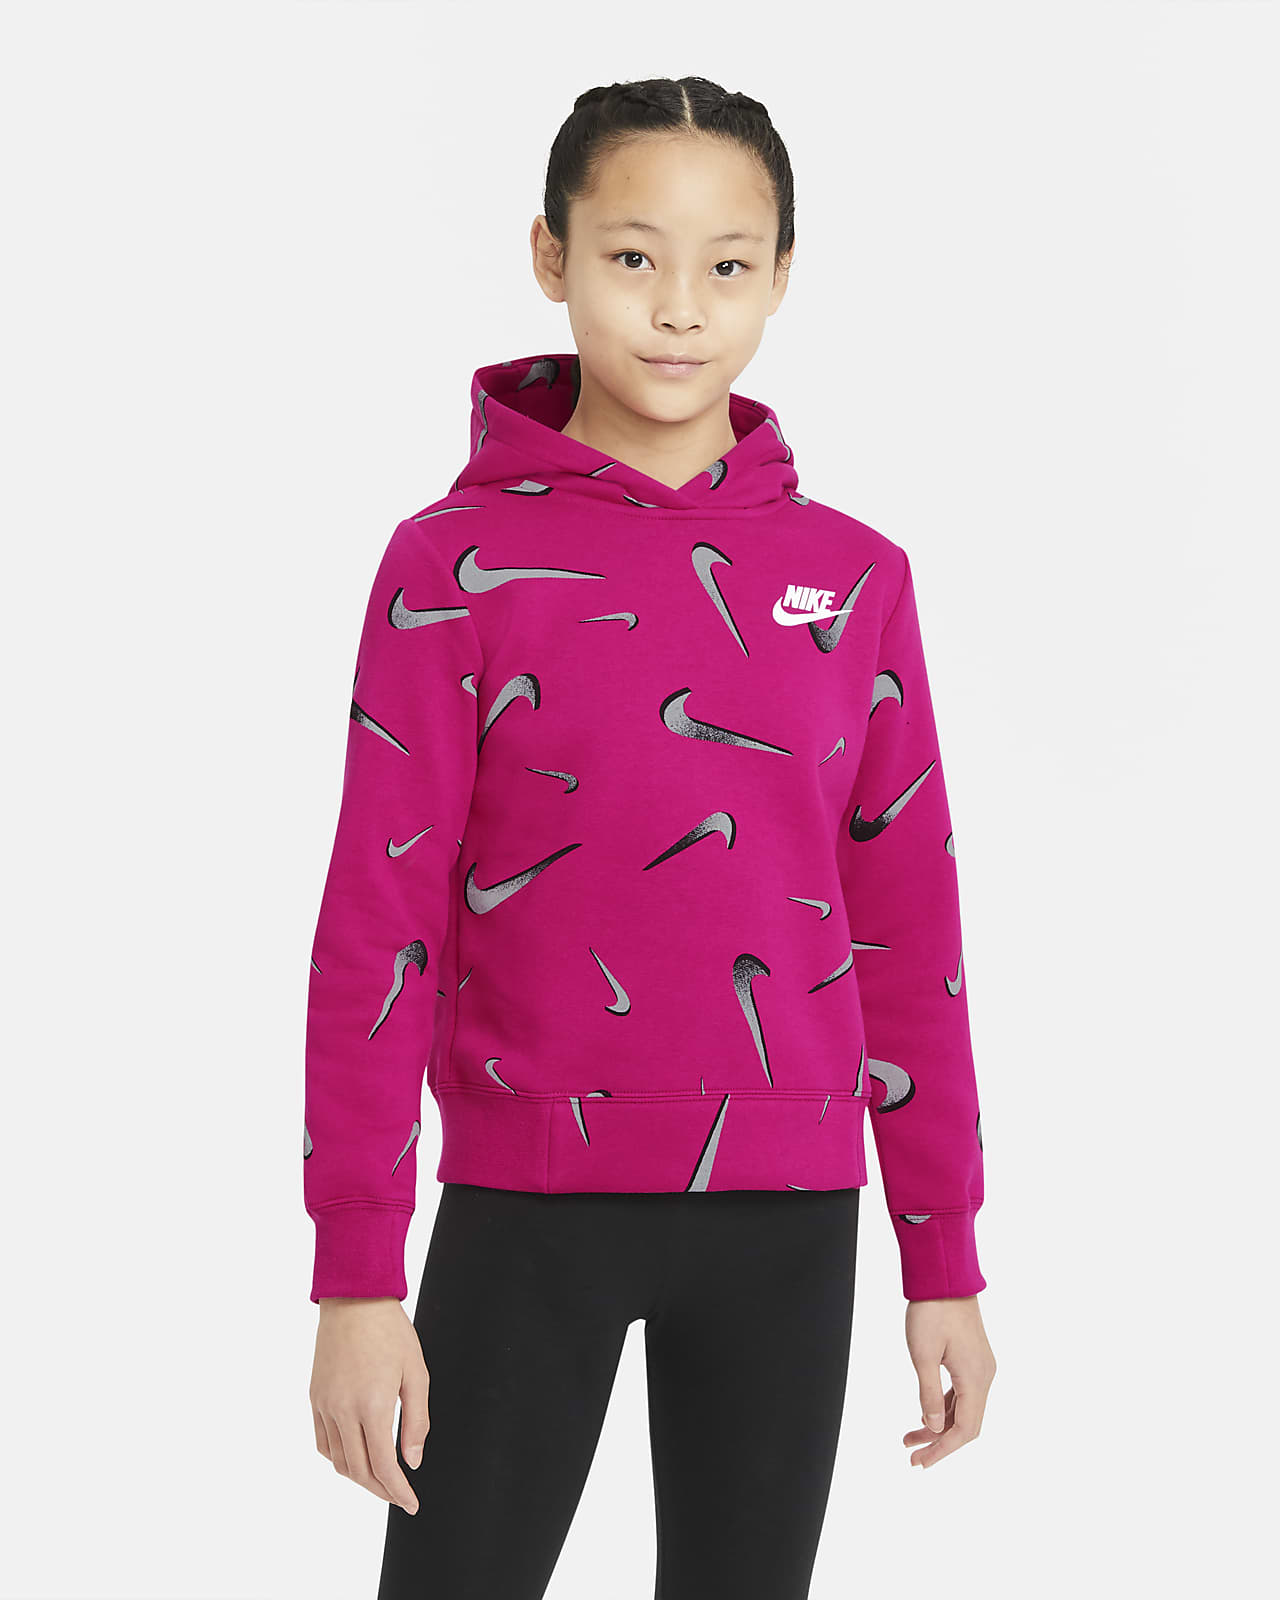 Nike Sportswear Baskılı Genç Çocuk (Kız) Kapüşonlu Üstü